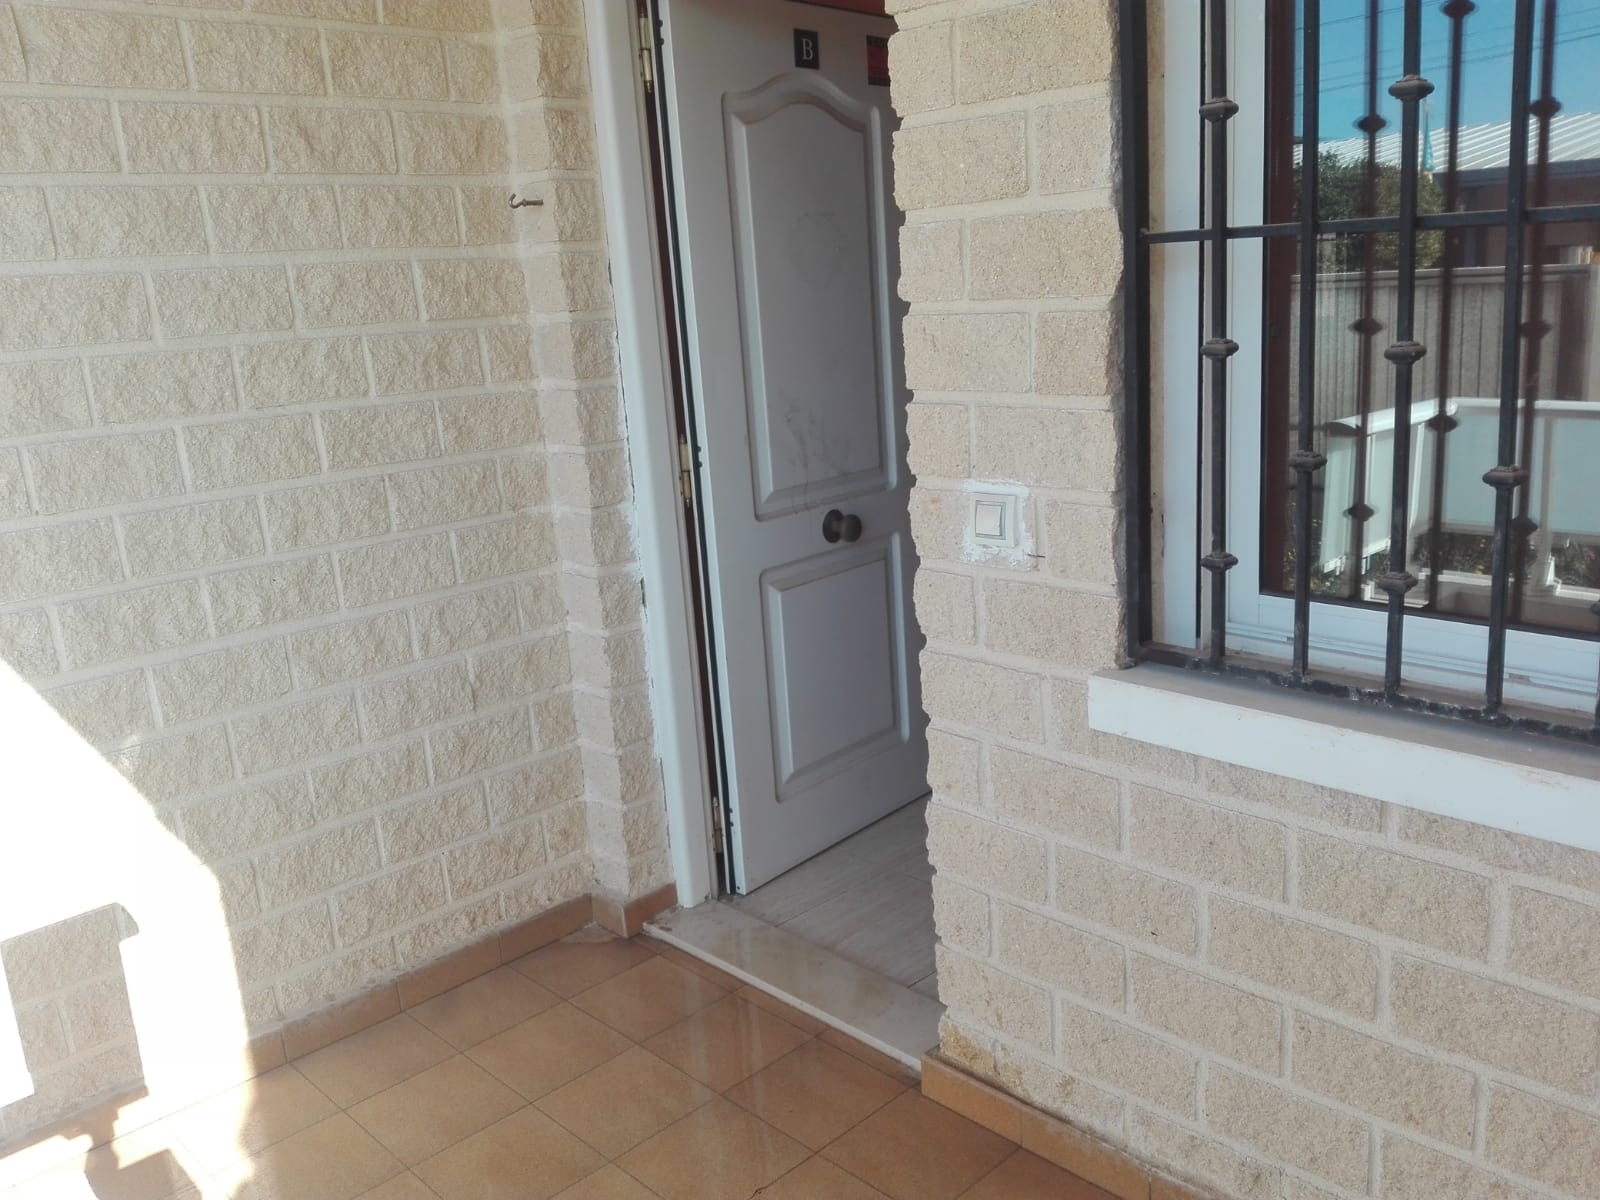 Piso en venta en Torrevieja, Alicante, Lugar Mirador Ii, 92.000 €, 2 habitaciones, 1 baño, 60 m2